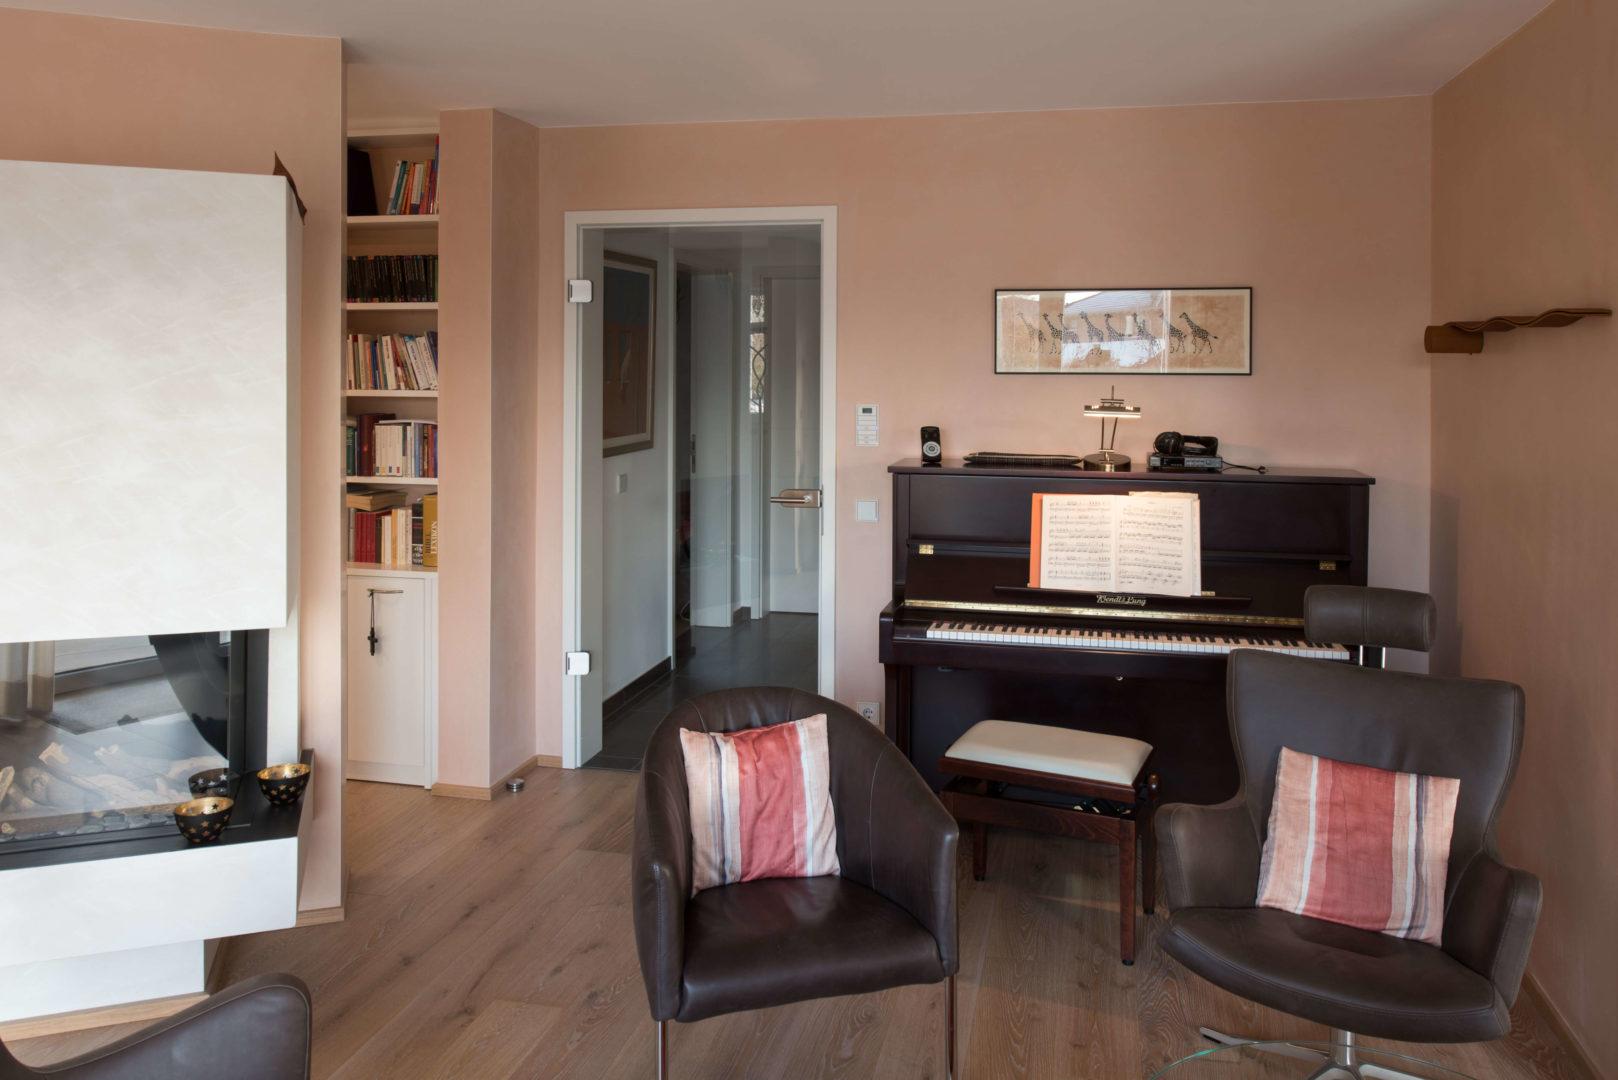 lehmputz-wohnzimmer-deutschland-bonn